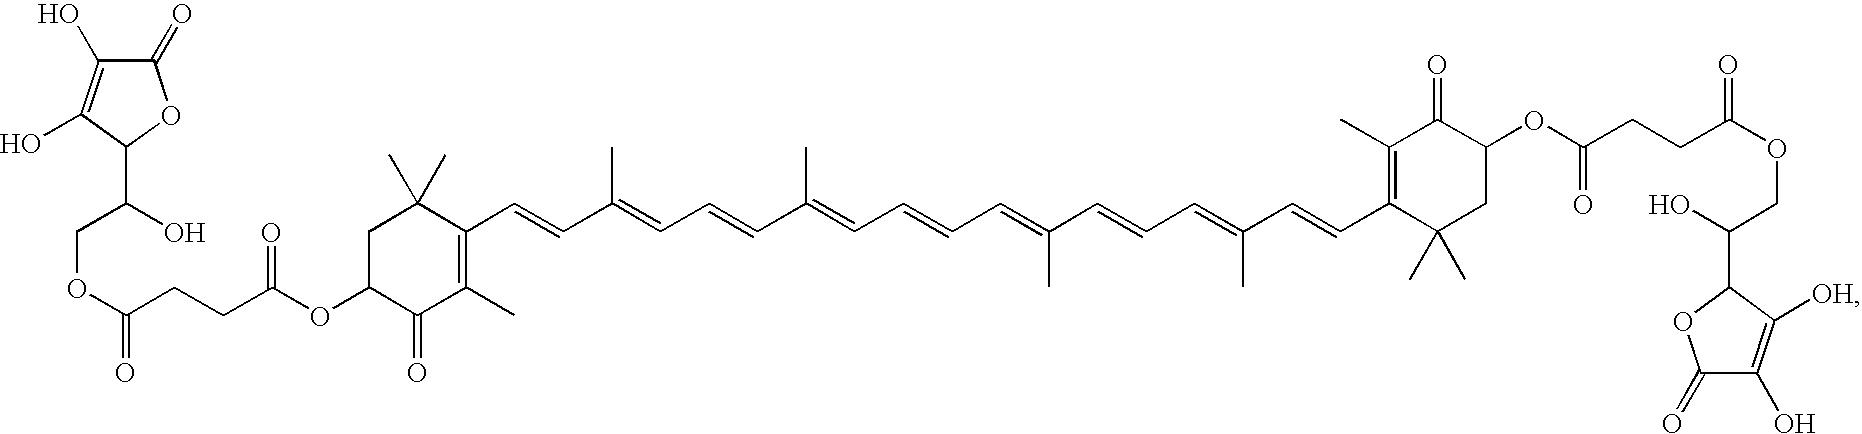 Figure US07691901-20100406-C00095